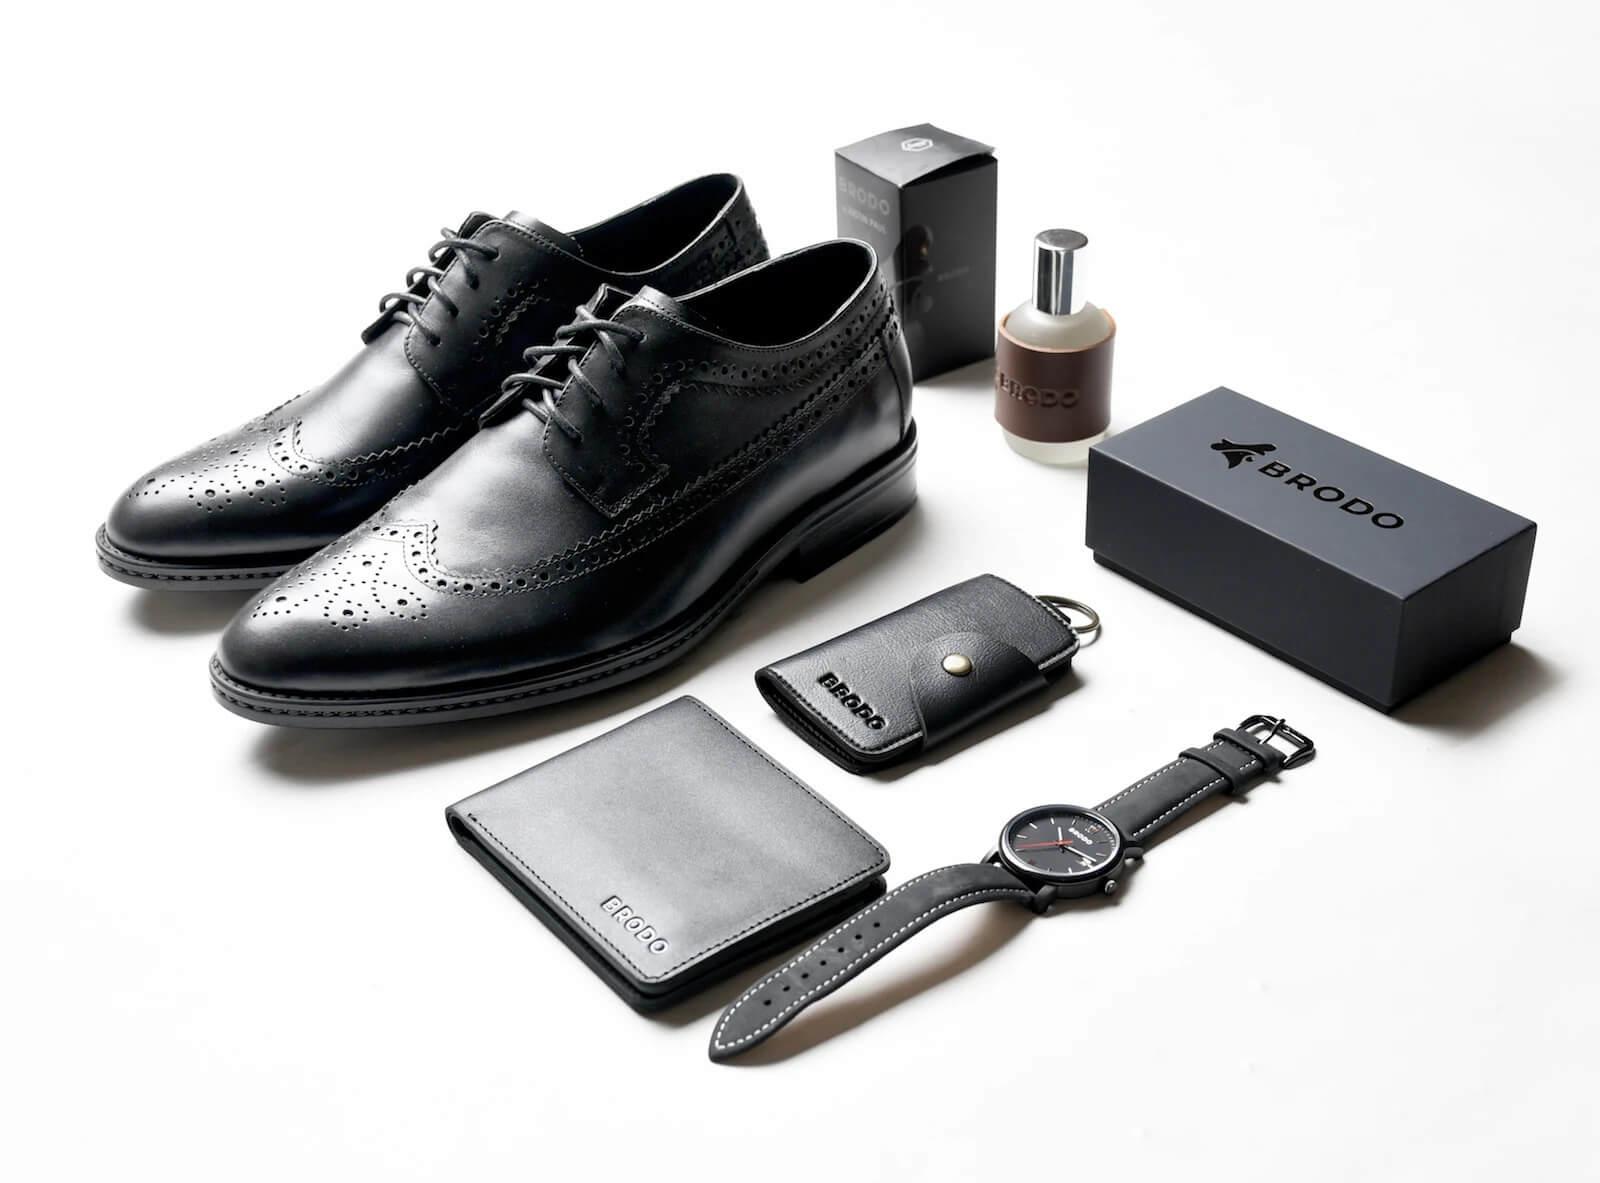 Brodo - Brand Sepatu Lokal 10 Nama yang Tak Kalah Mantul dari Merek Luar